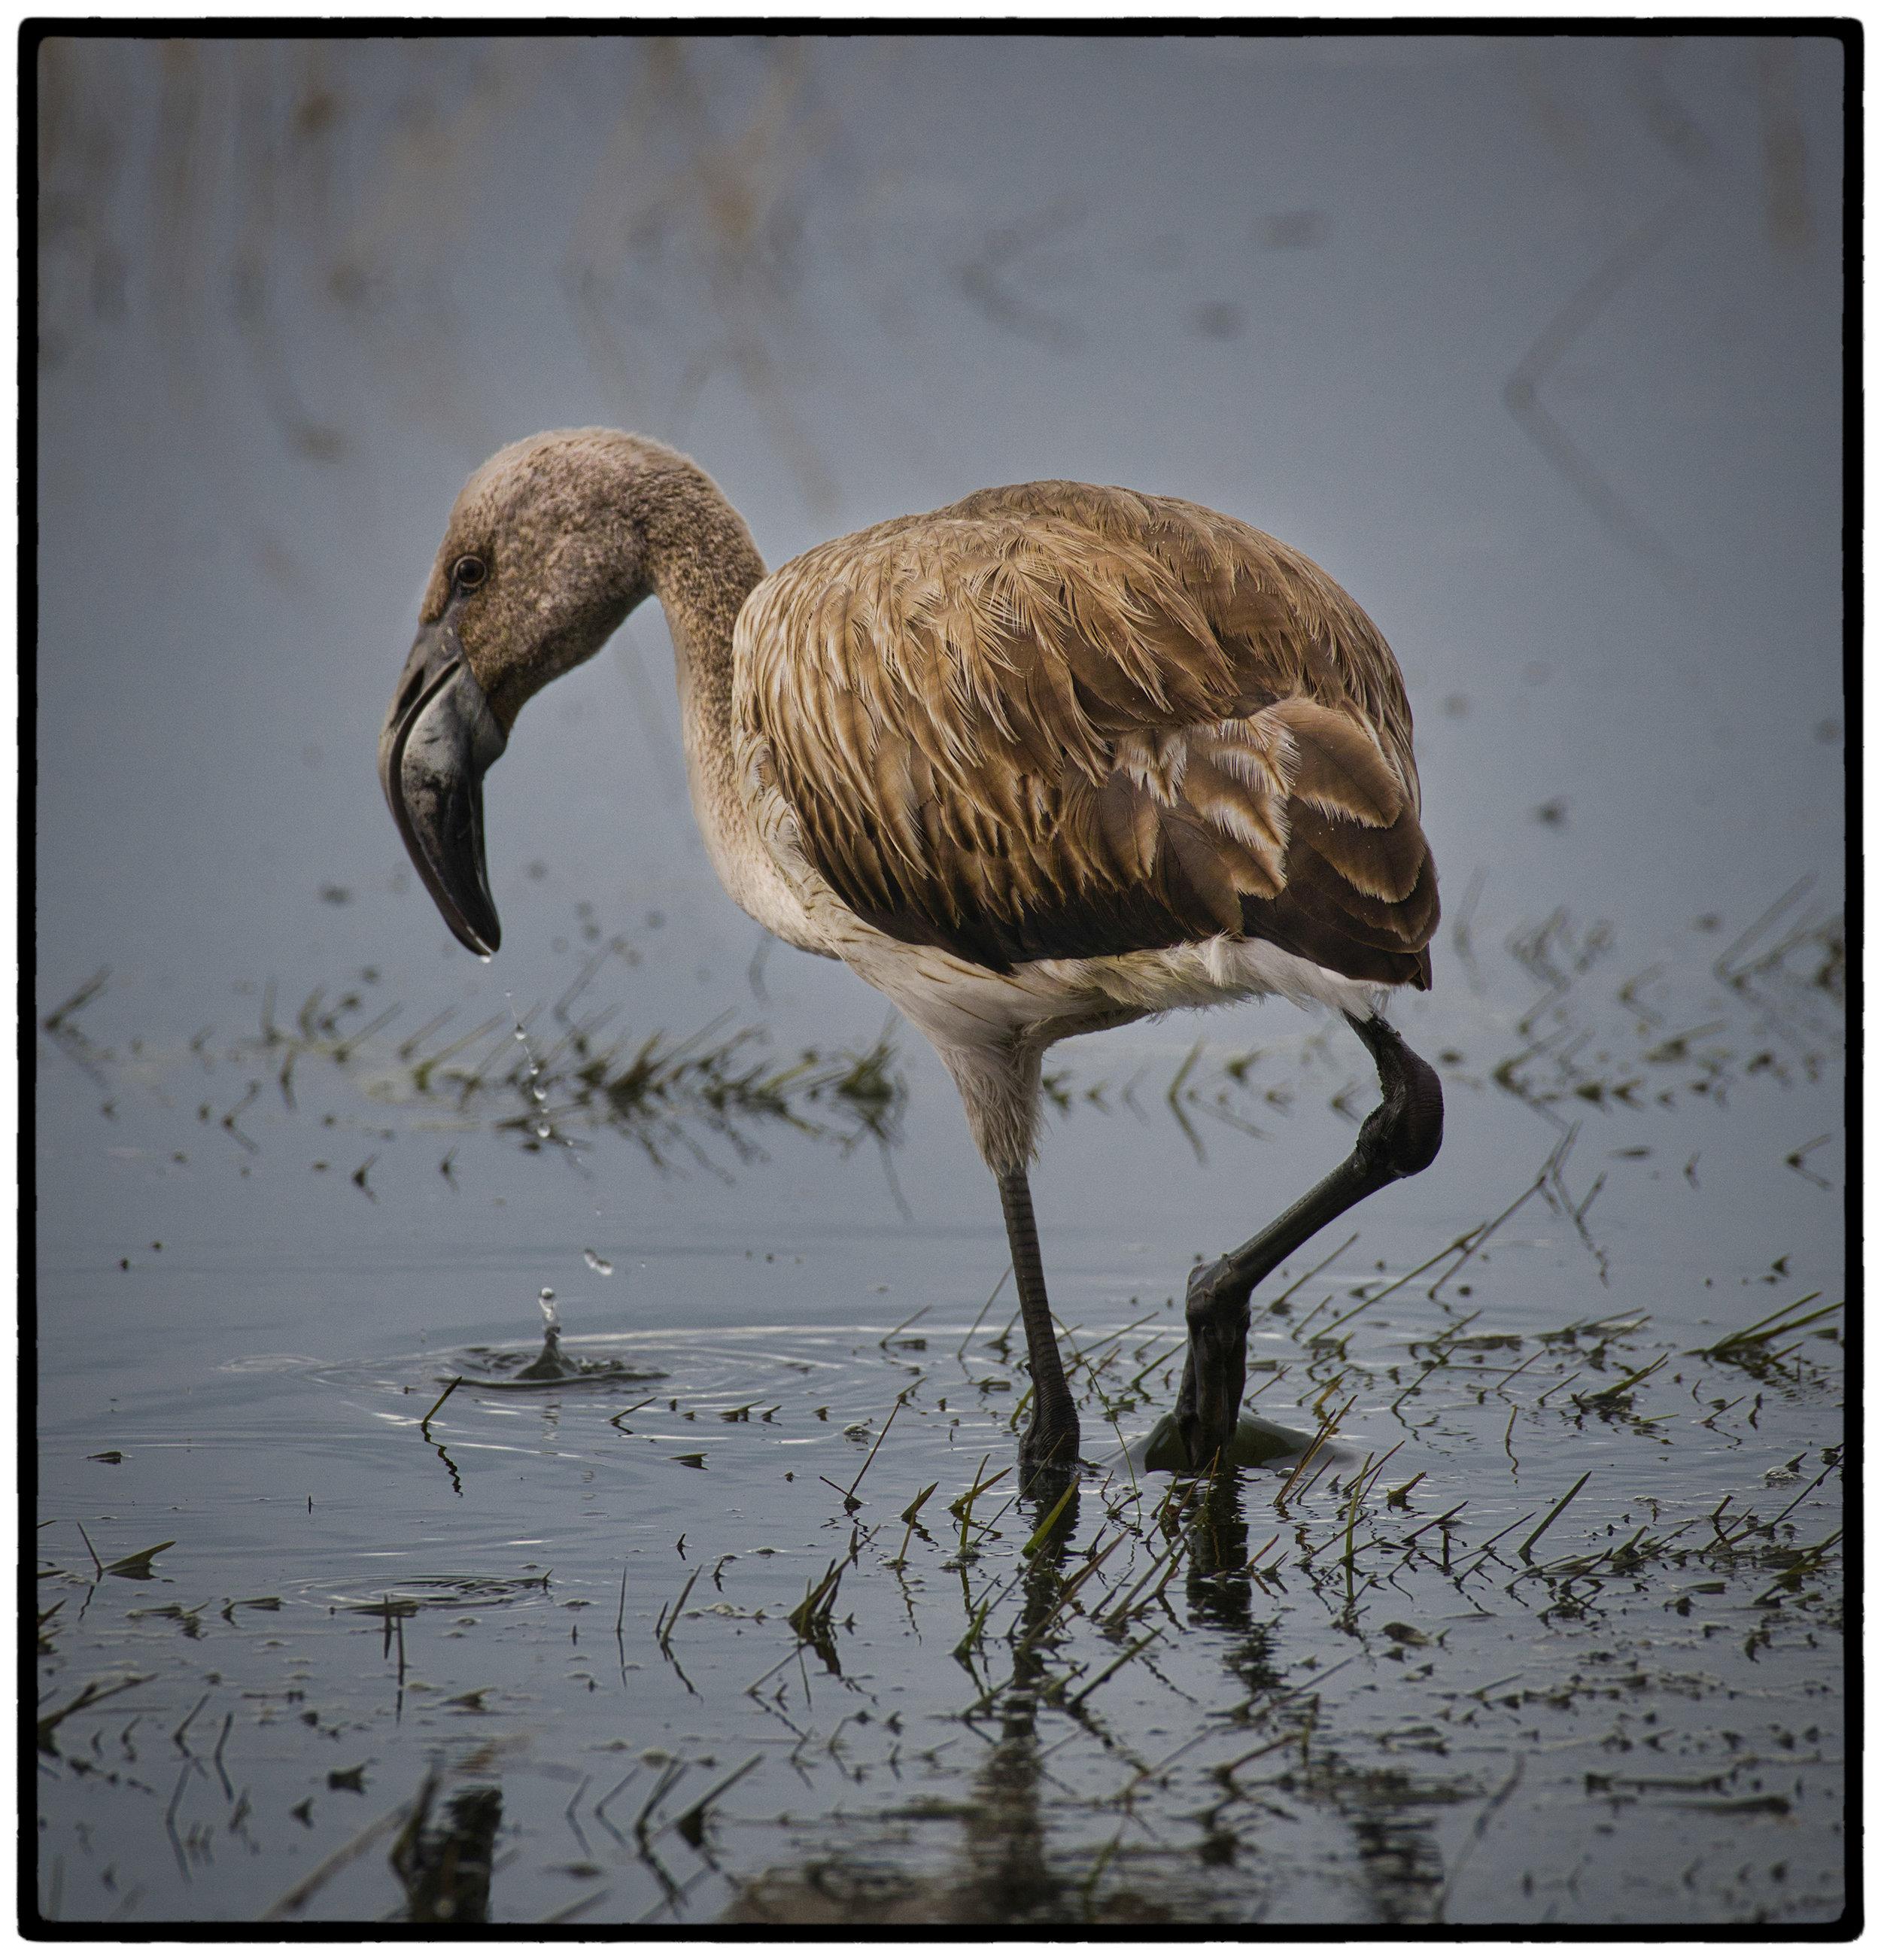 Juvenile Flamingo, Argentina